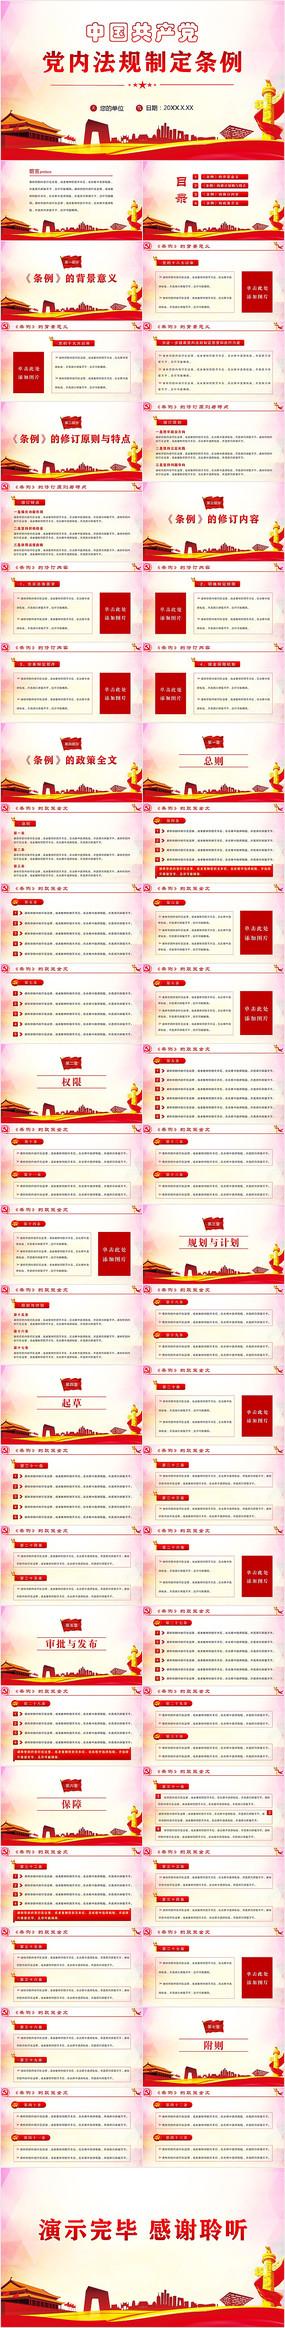 中国共产党党内法规制定条例PPT